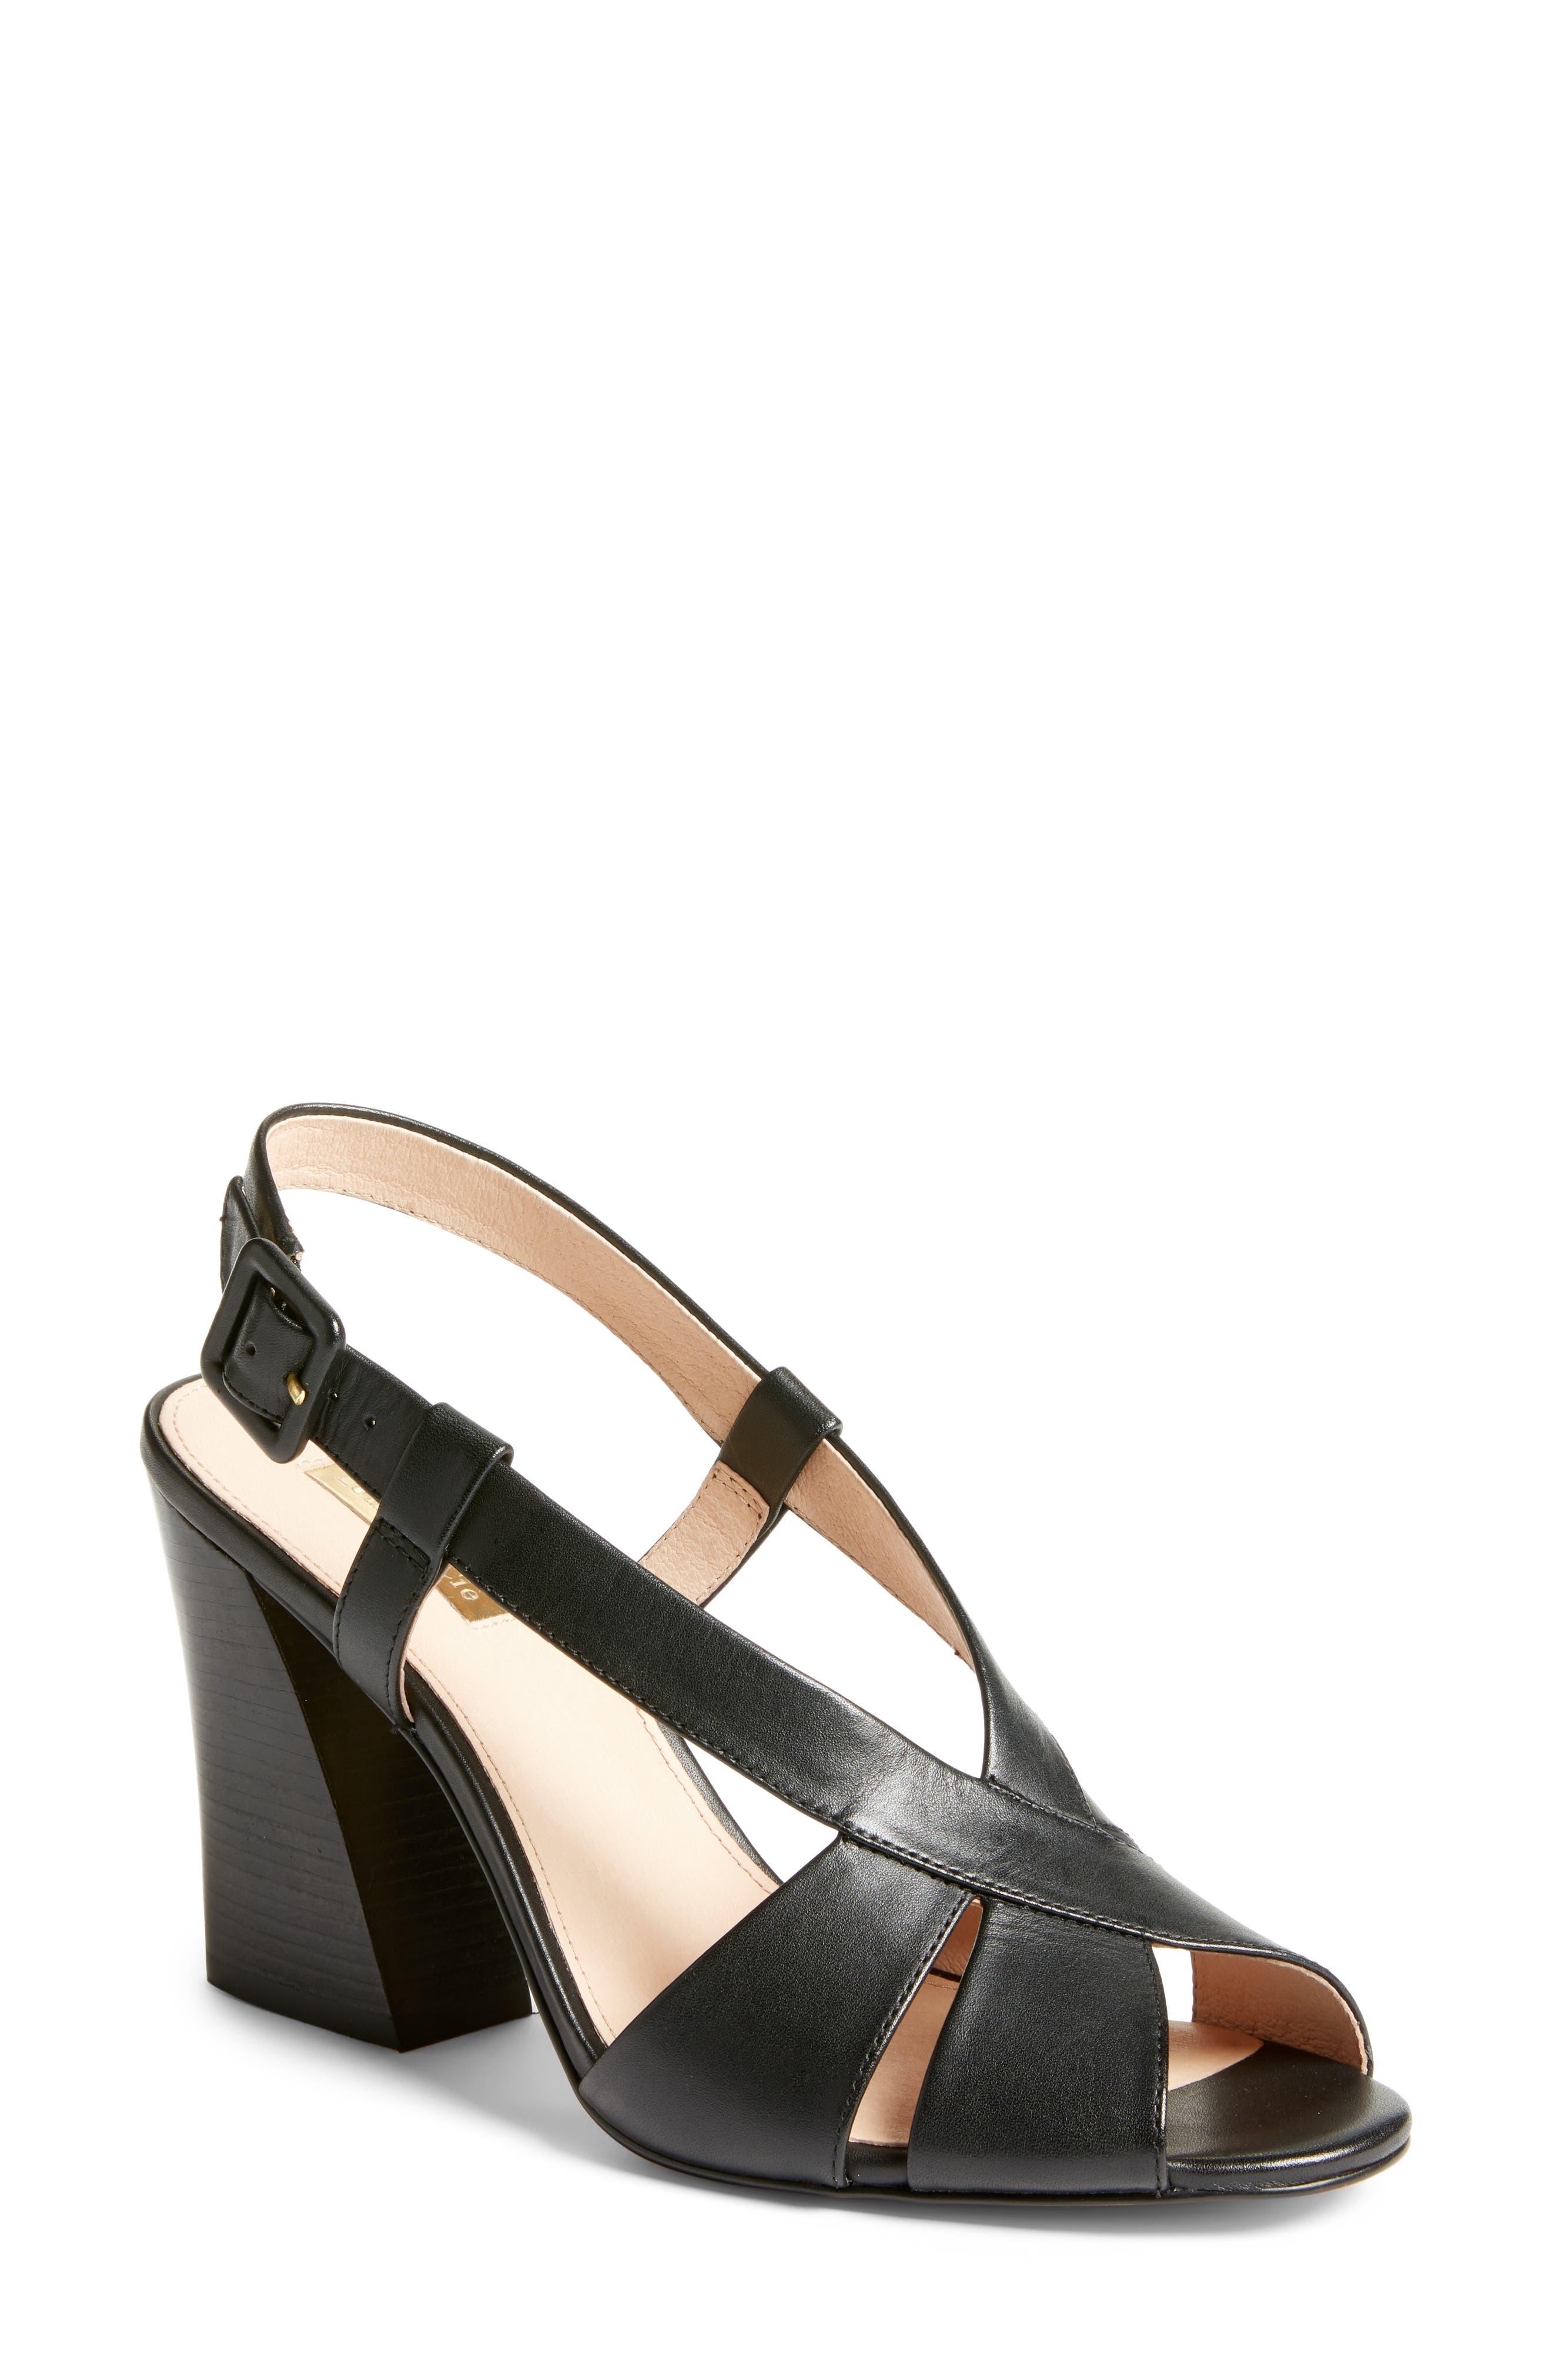 60s Shoes, Boots | 70s Shoes, Platforms, Boots Womens Louise Et Cie Kalee Block Heel Sandal $129.95 AT vintagedancer.com